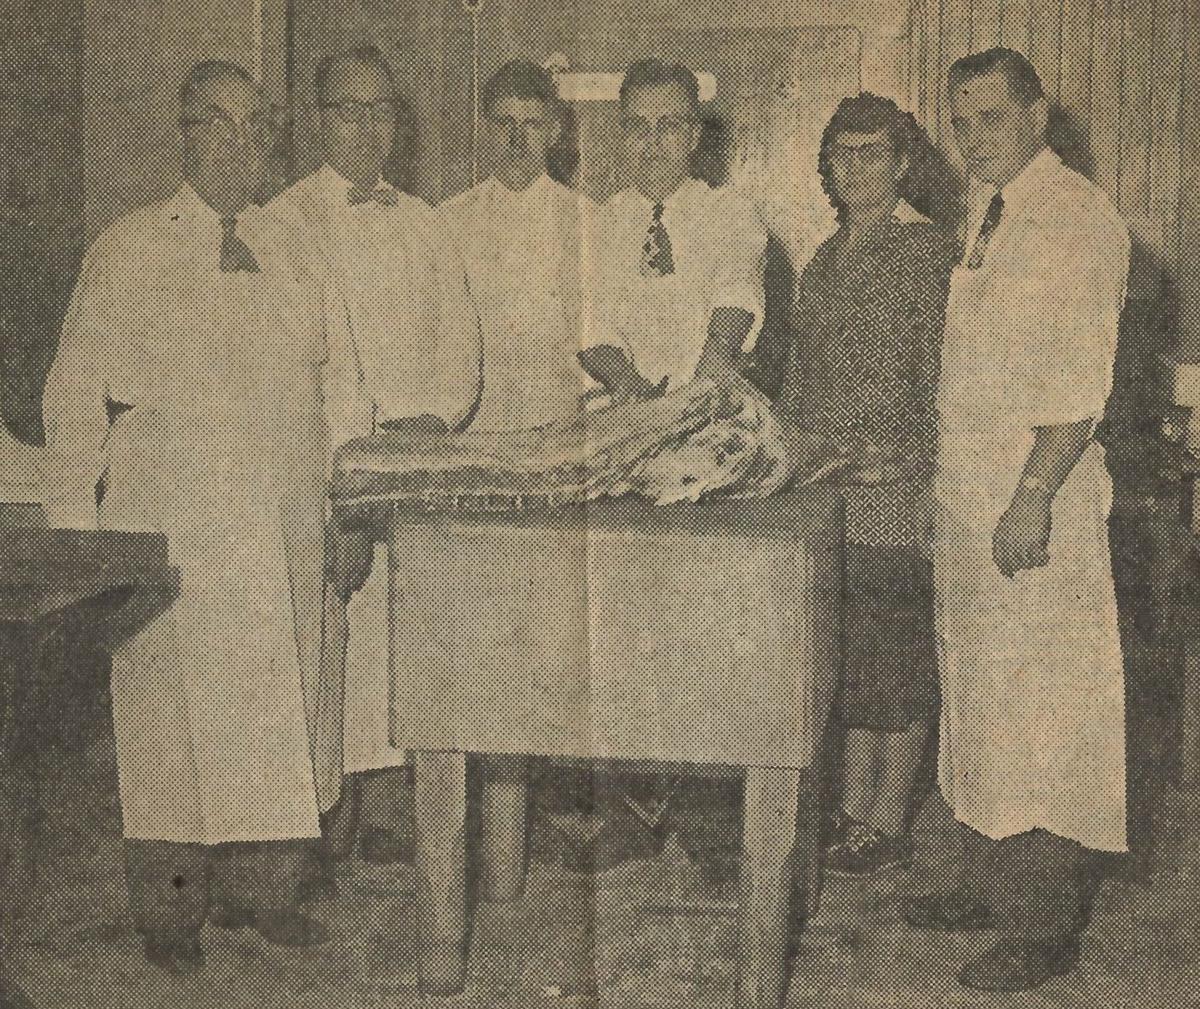 1954: Ikert's Food Market